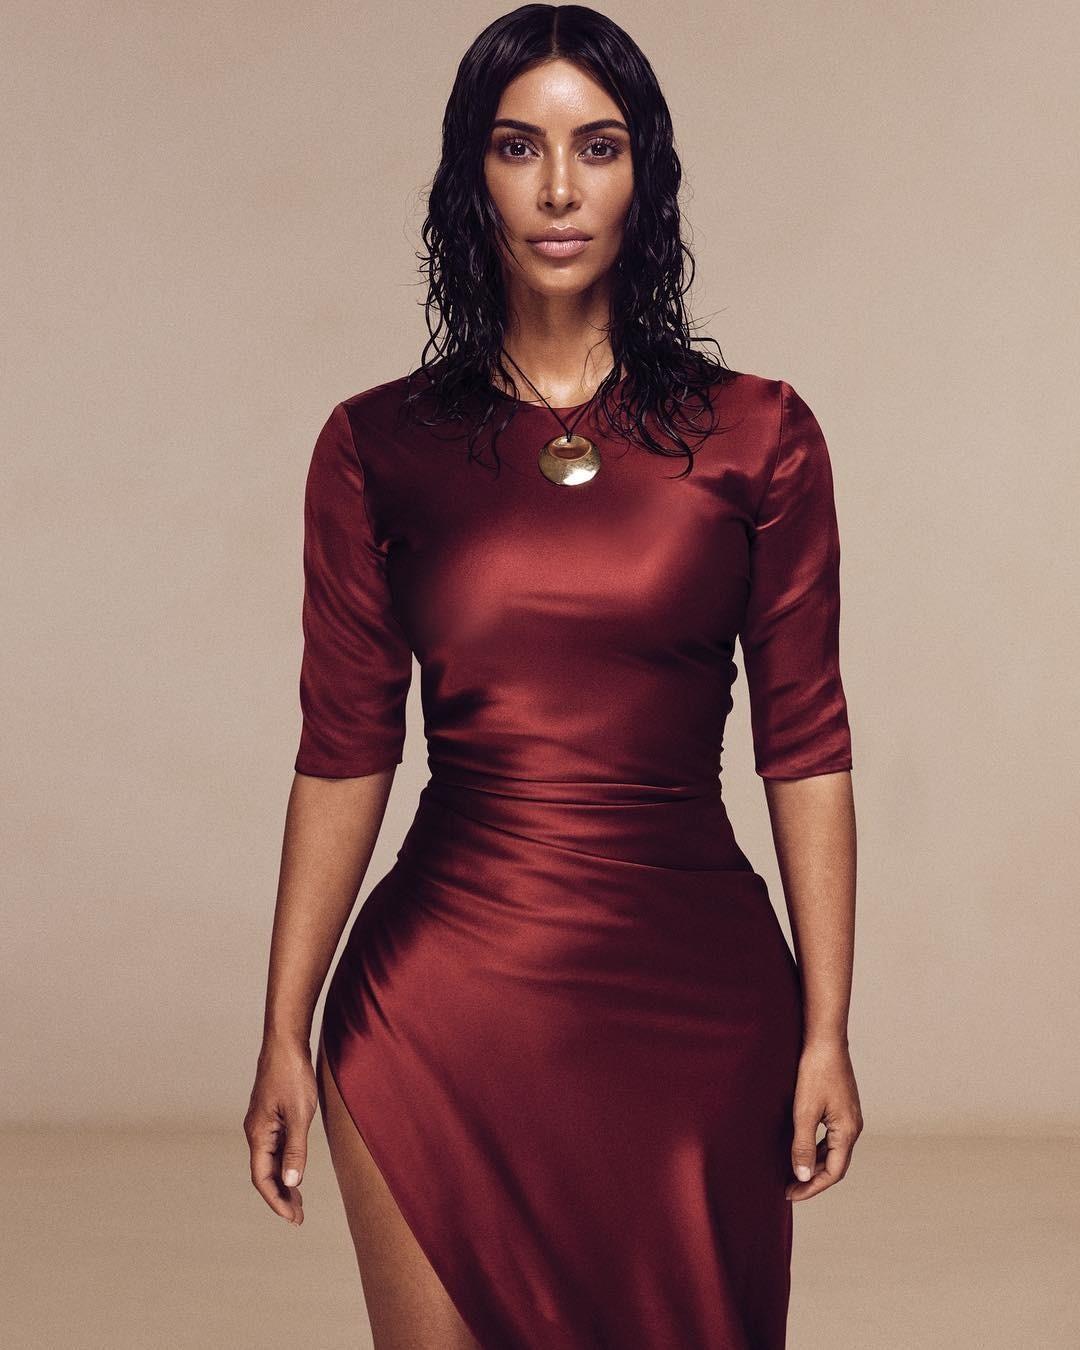 Ким Кардашьян стала лицом новой обложки американского Vogue (одна, без сестер)